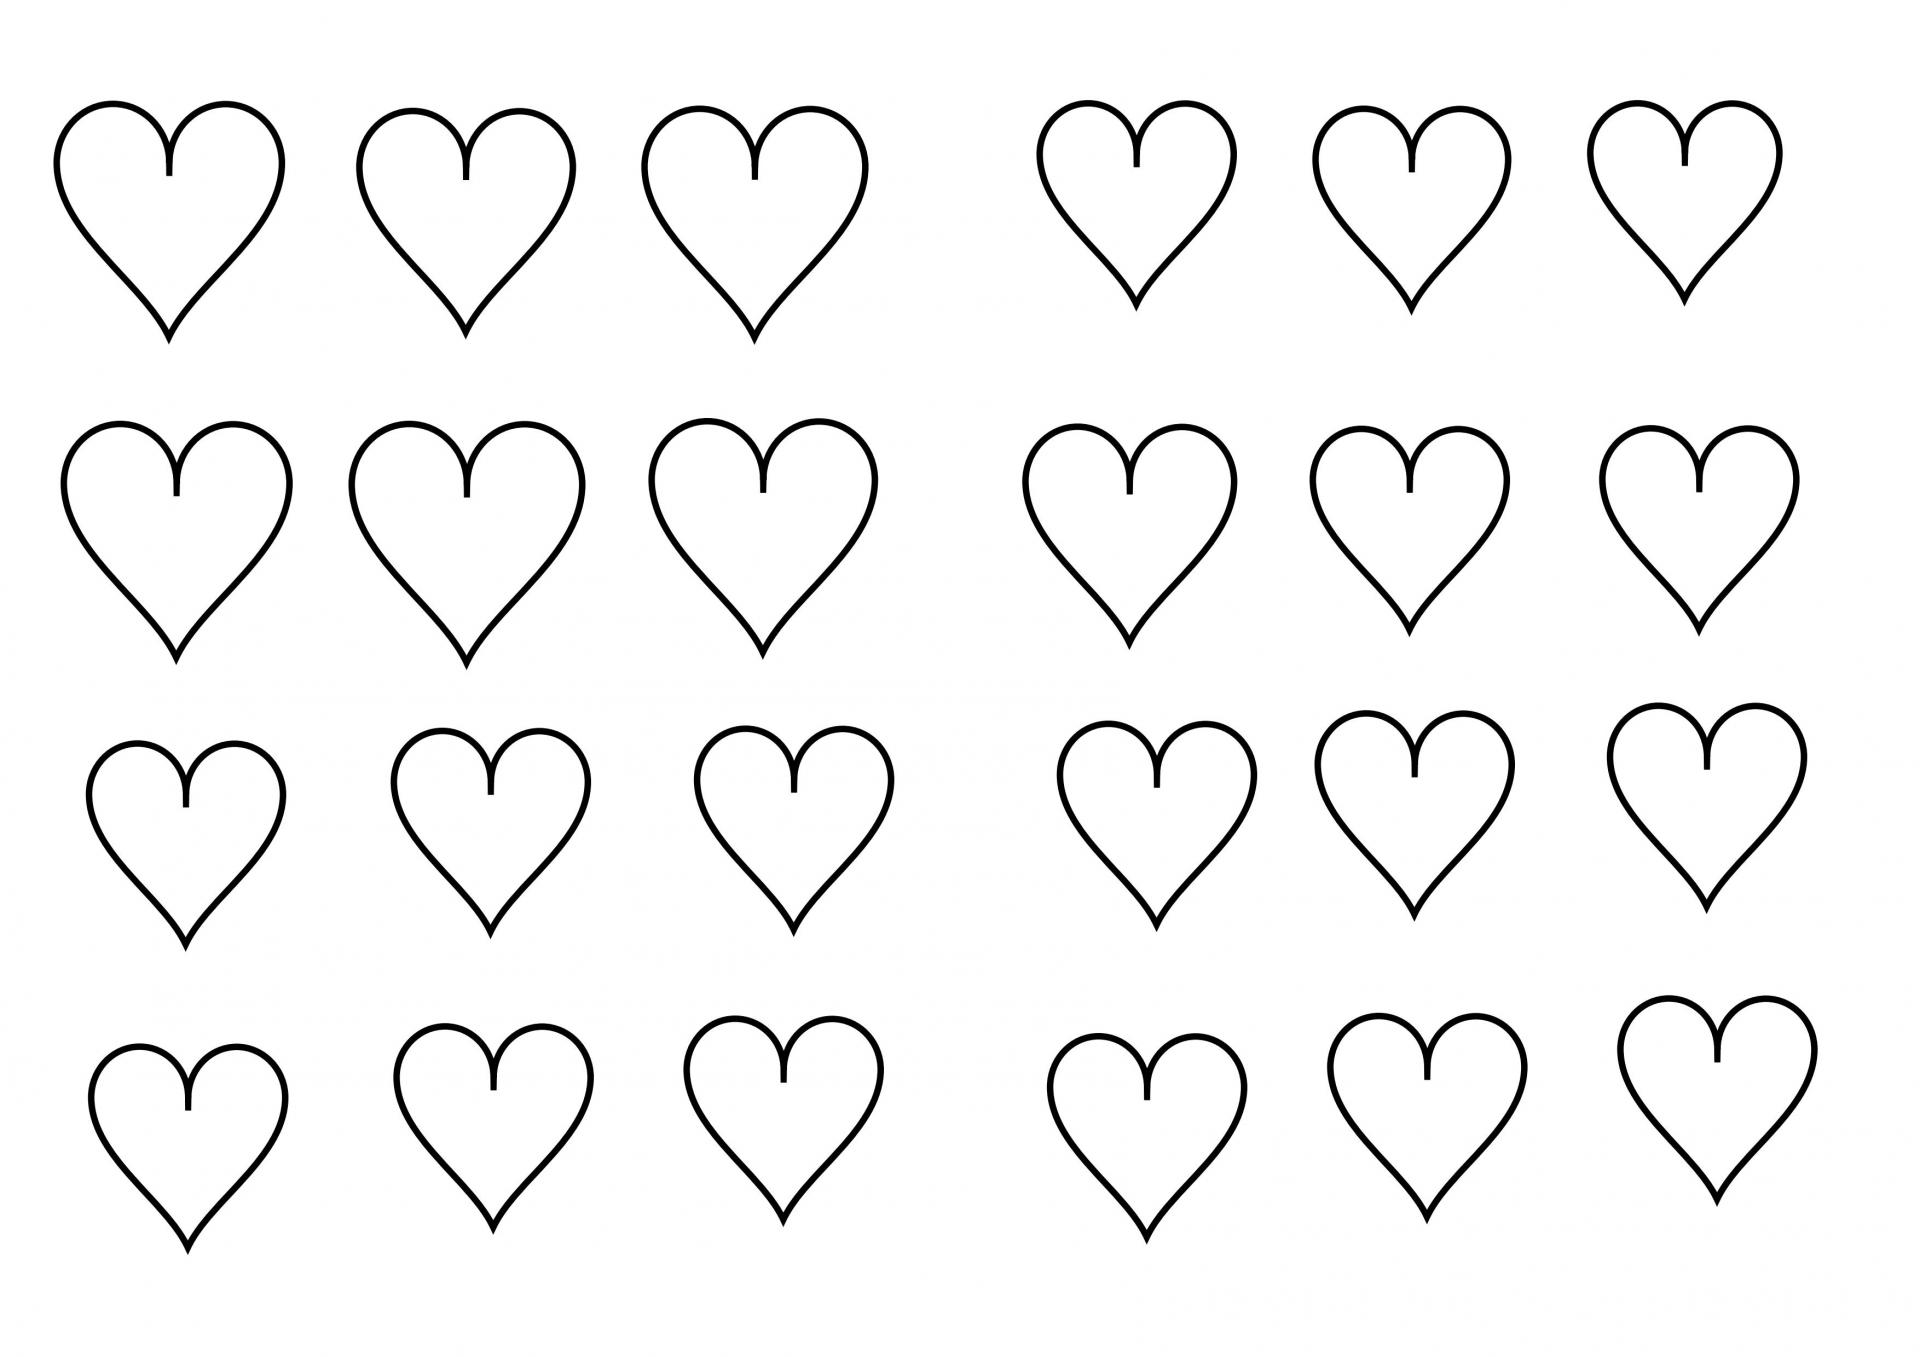 10 Coloriage De Petit Coeur A Imprimer | Imprimer et Obtenir une Coloriage Gratuit Ici